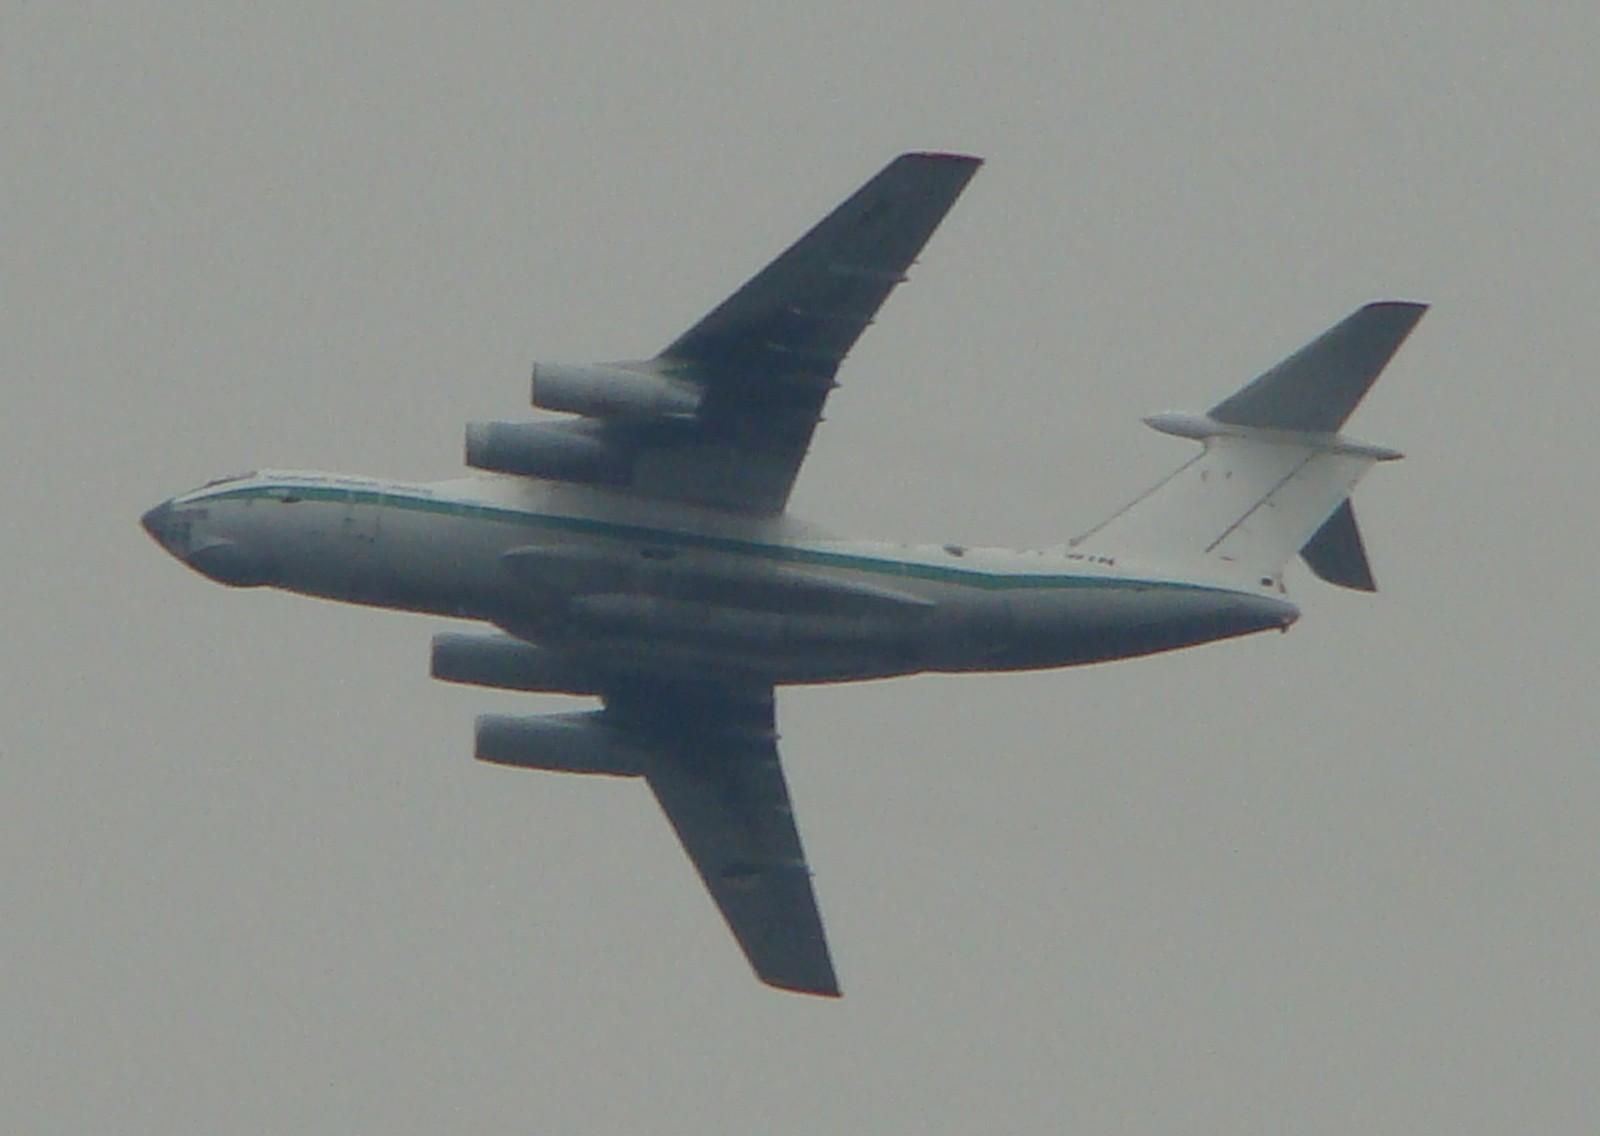 طائرة النقل والتزود بالوقود Il76/78 - صفحة 2 Dsc01511